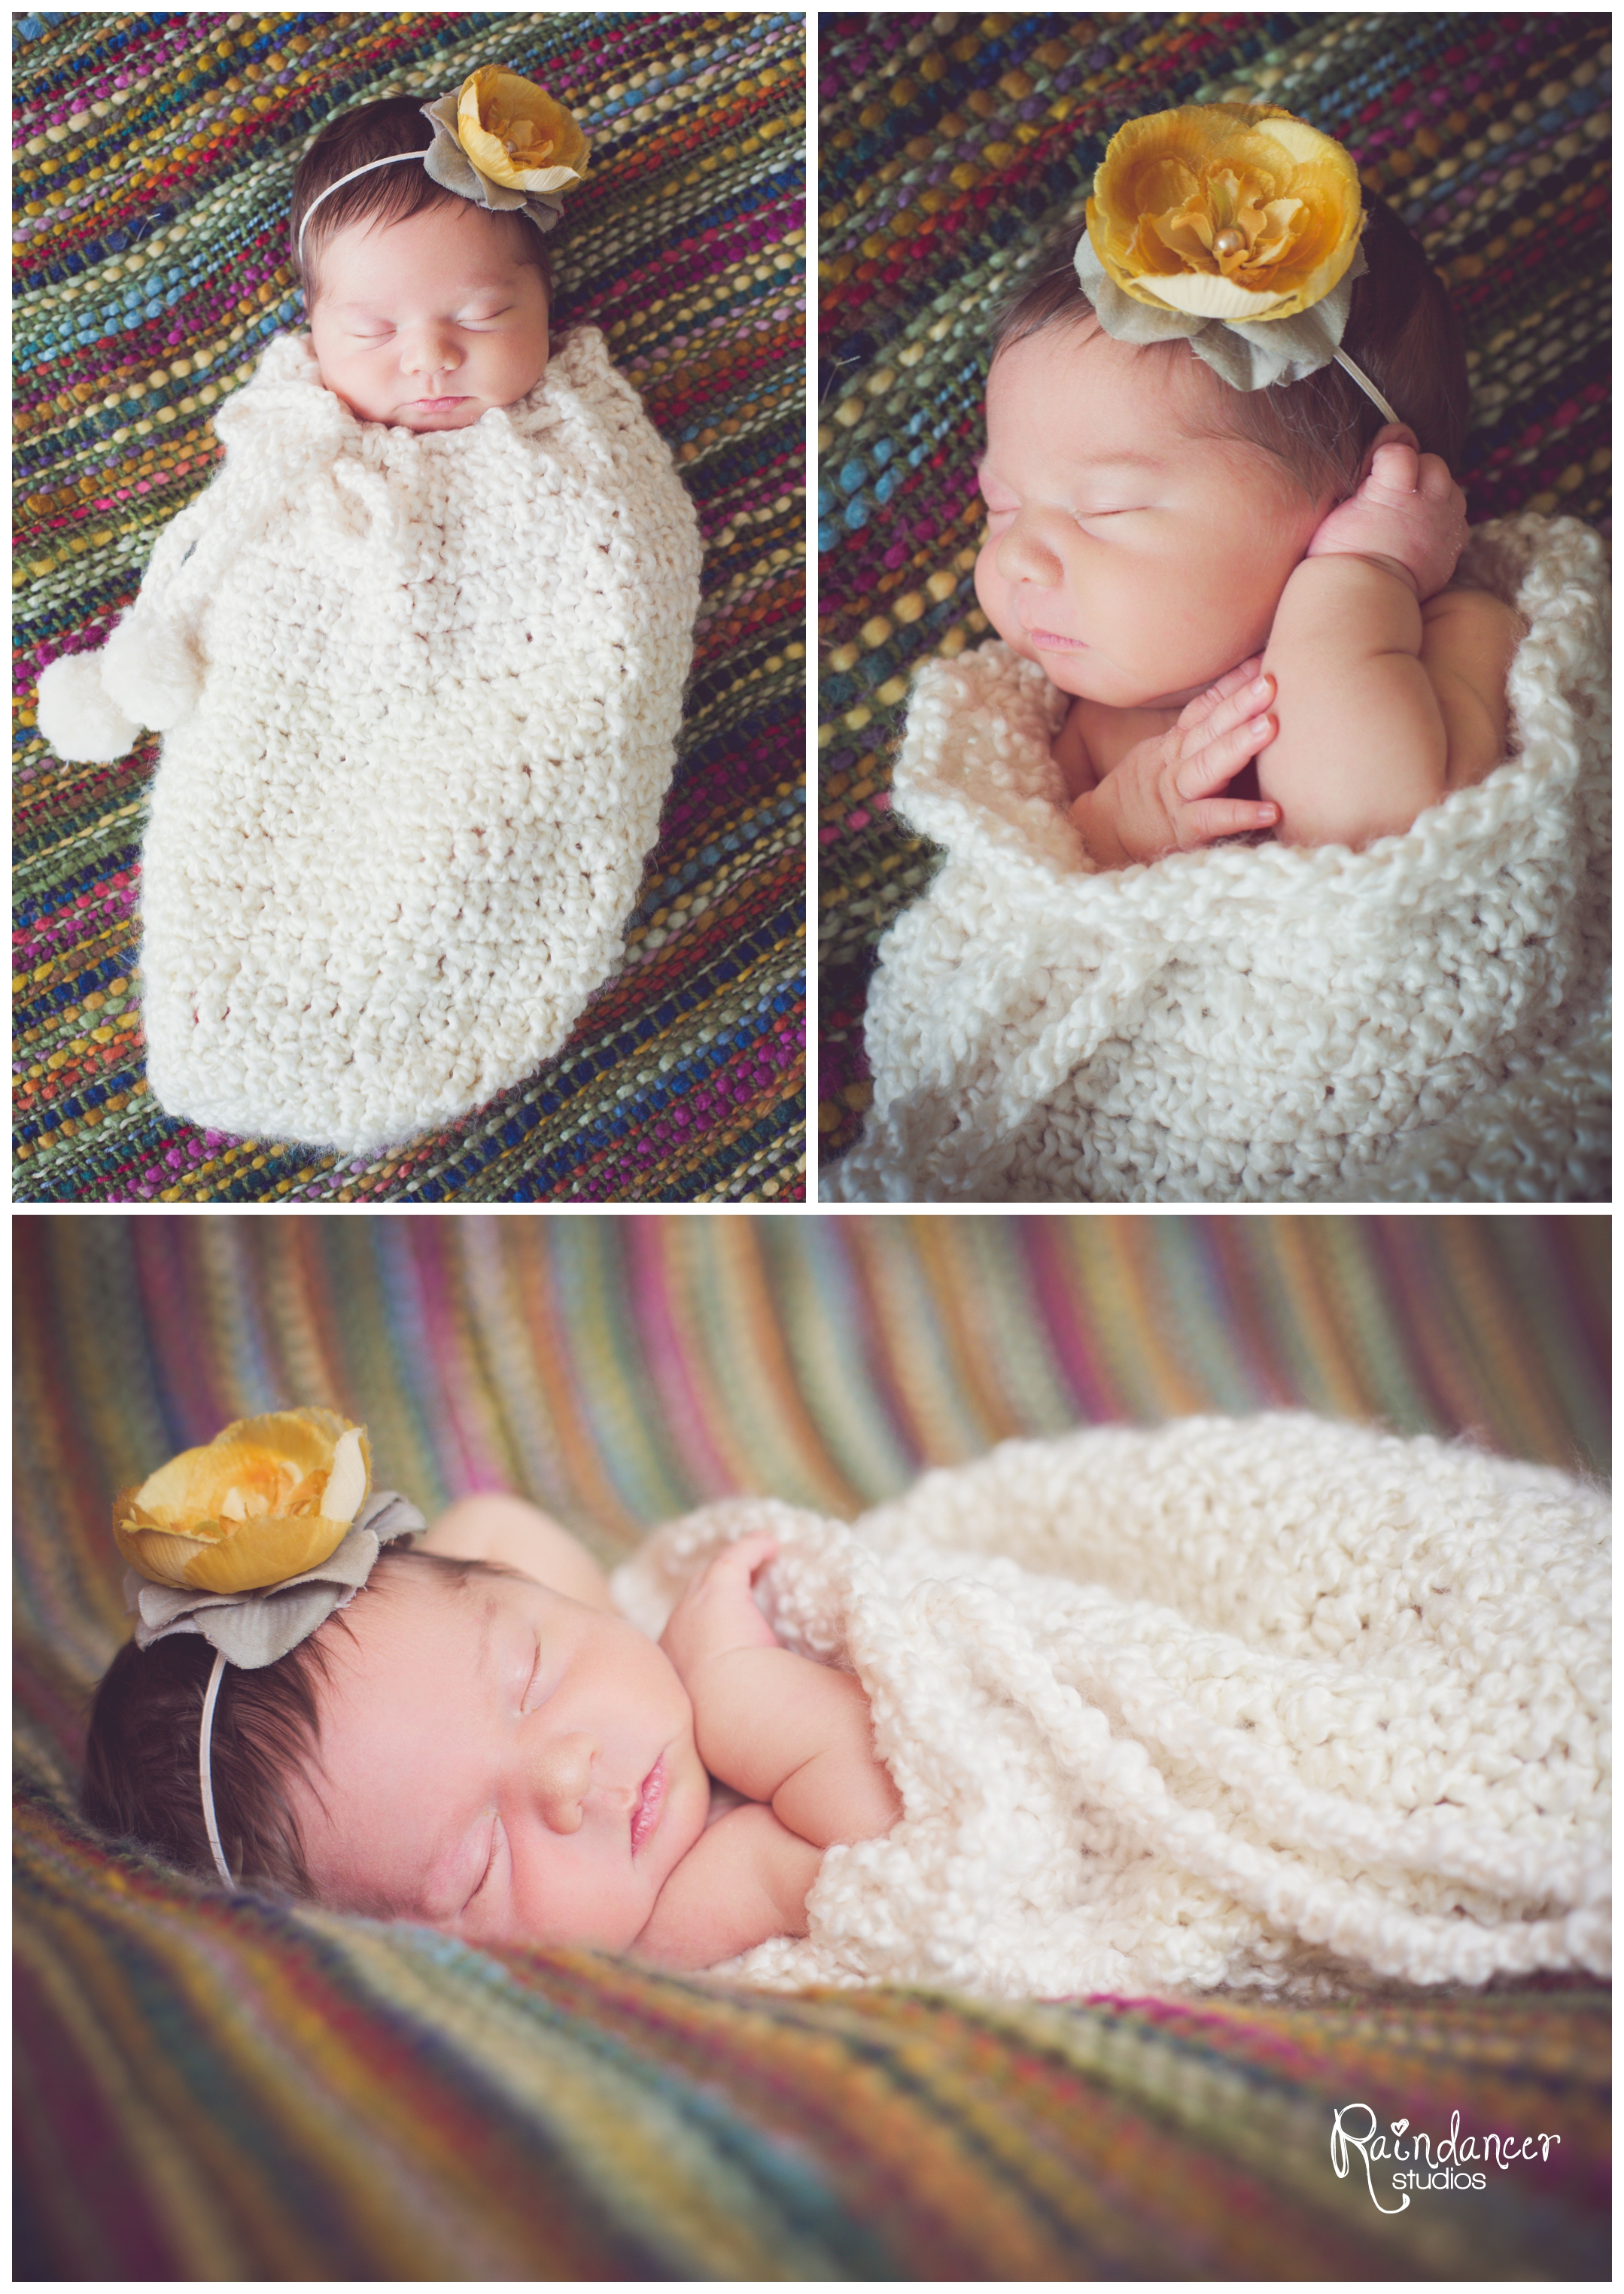 Indianapolis Newborn Photographer, Indianapolis baby photographer, raindancestudios, raindancerstudios